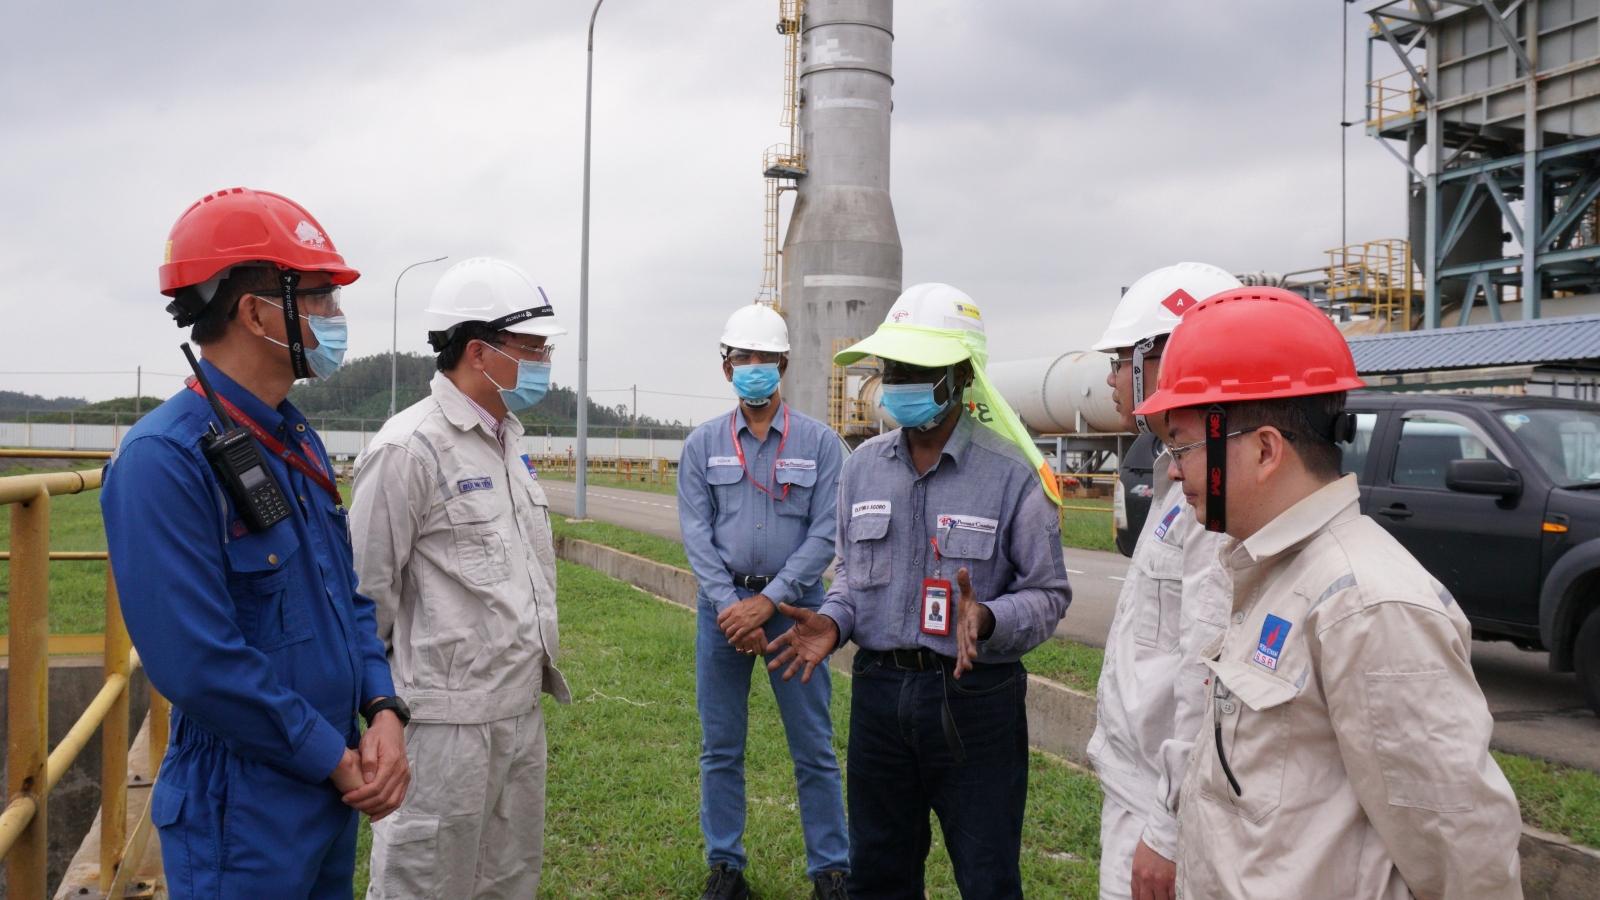 Tập đoàn Dầu khí Việt Nam chủ động ứng phó bão số 9 ở cấp độ cao nhất